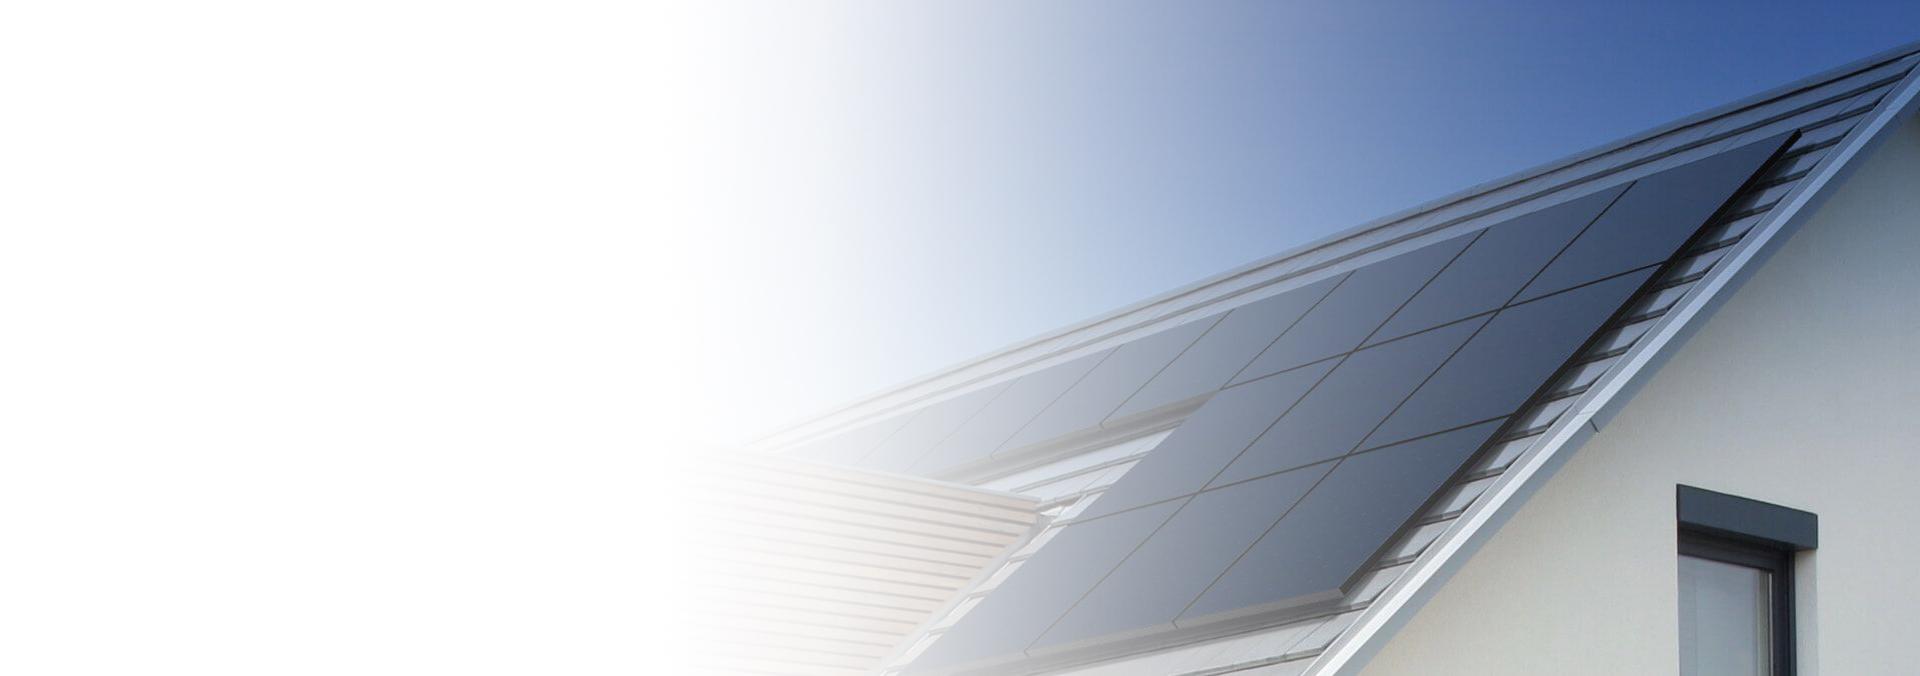 bg-sunpower-home-1.jpg